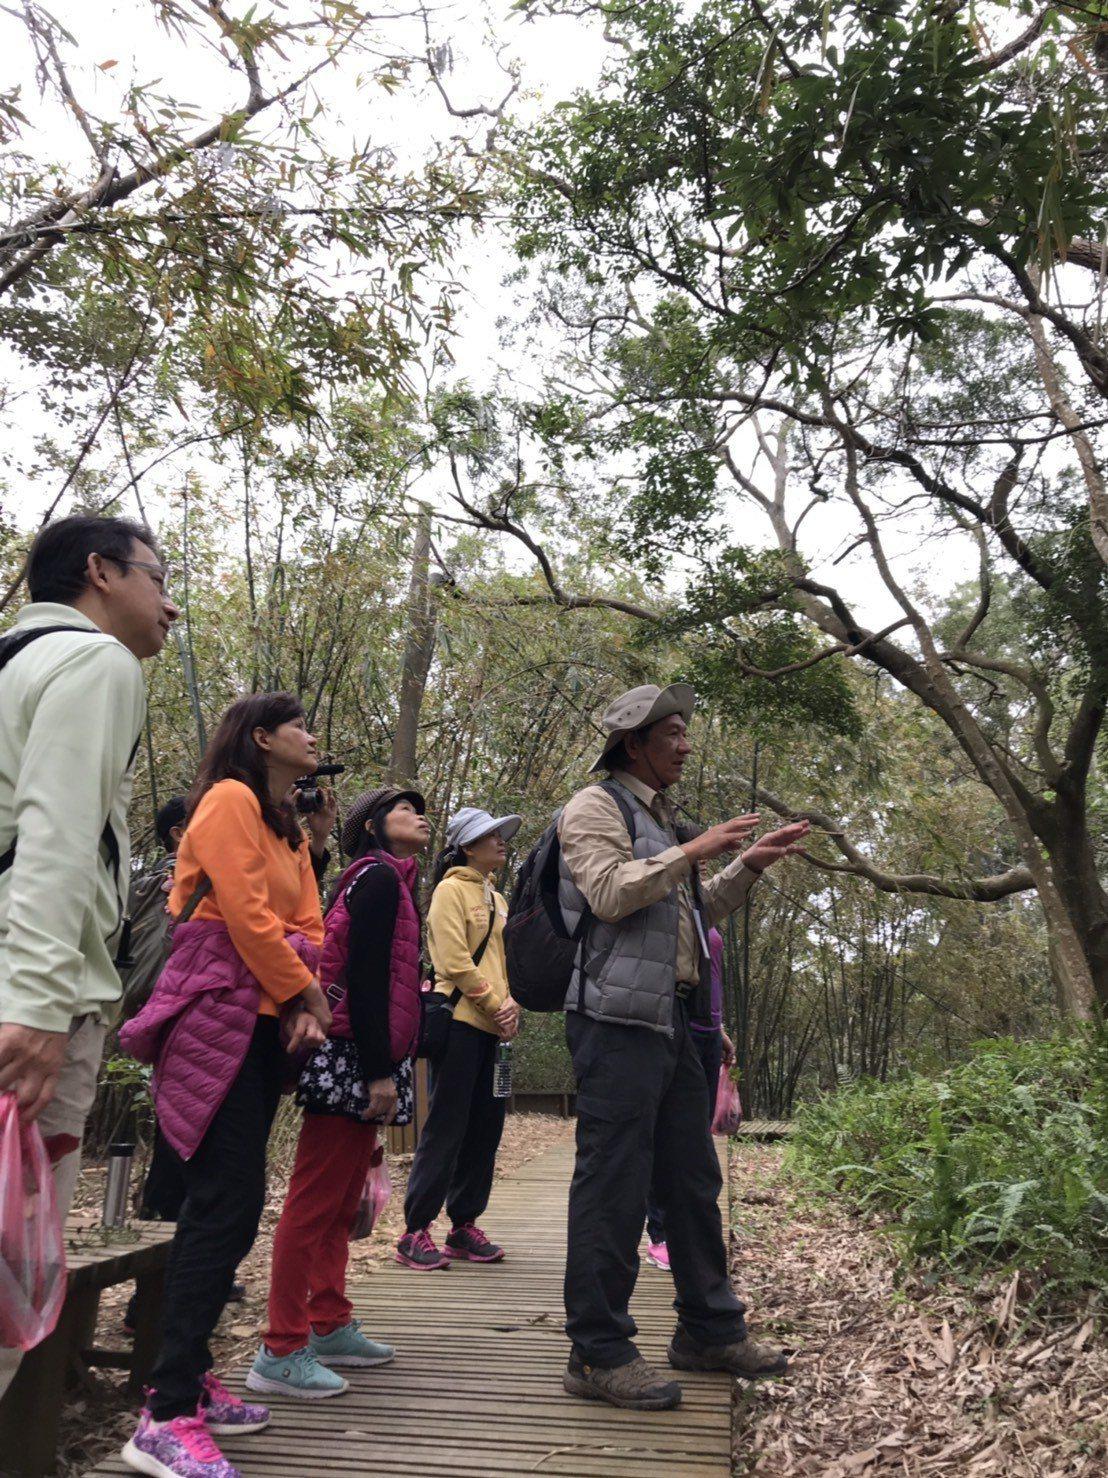 十八尖山是市民最愛運動休閒的地點,鄰近市區又有豐富自然的林相、平緩舒適的步道,不...